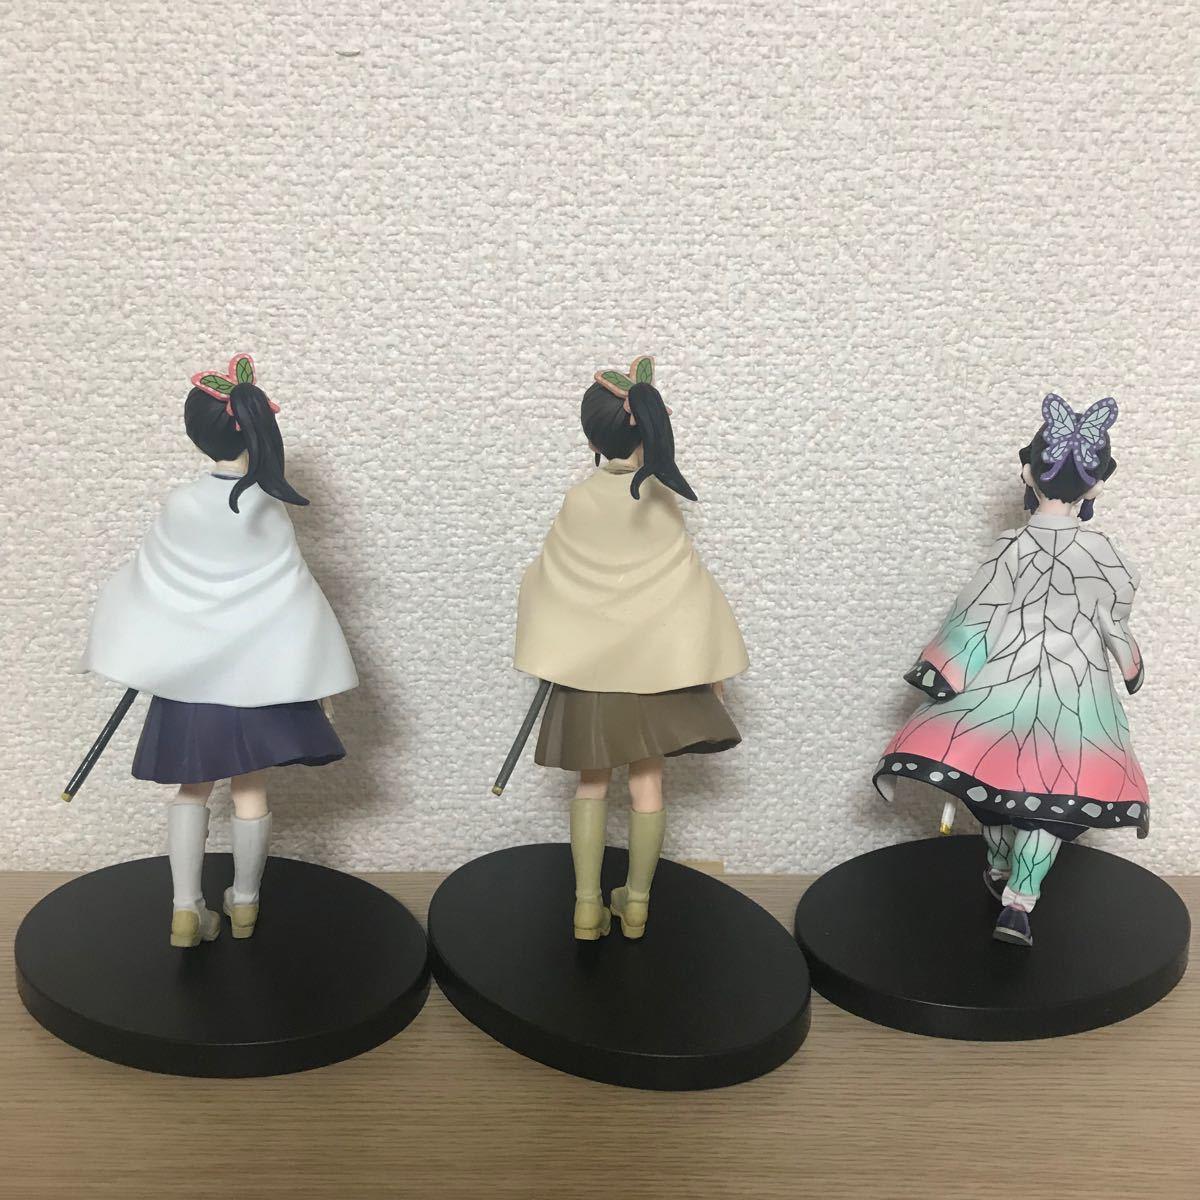 鬼滅の刃 栗花落カナヲ 胡蝶しのぶ フィギュア